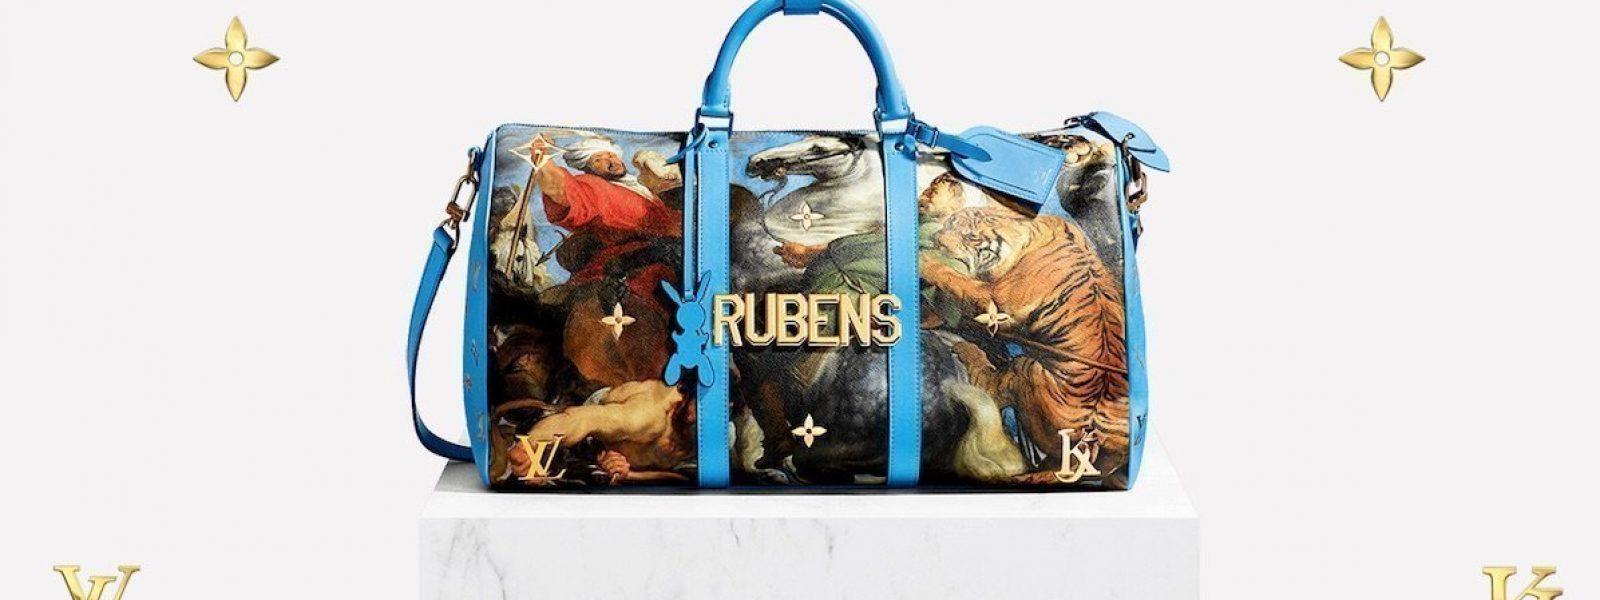 Un tableau du Musée des Beaux-Arts de Rennes sur des sacs Louis Vuitton